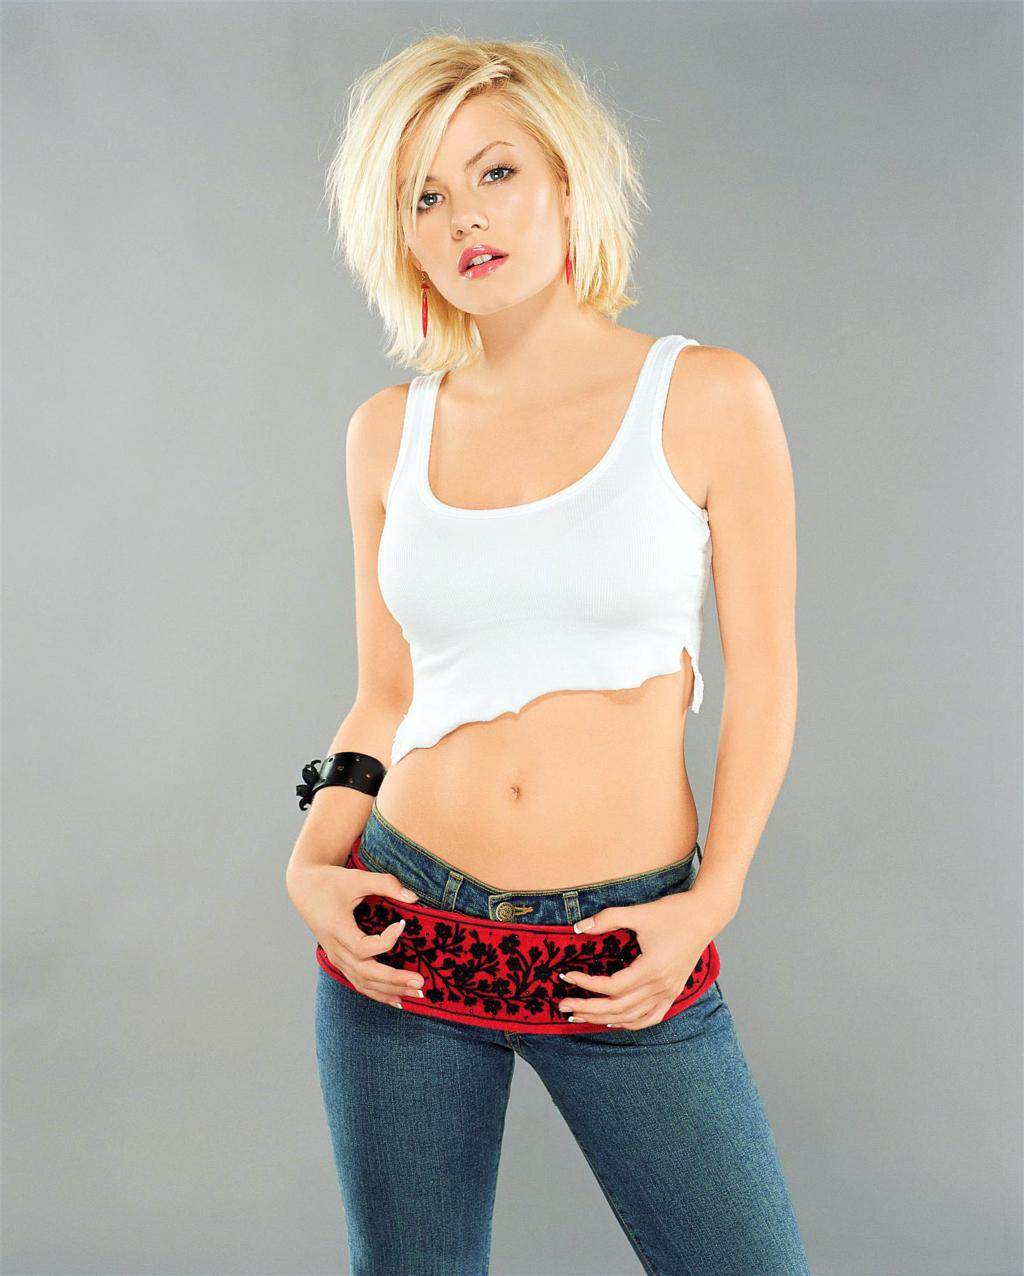 엘리샤 커스버트 섹시 사진, 섹시 화보